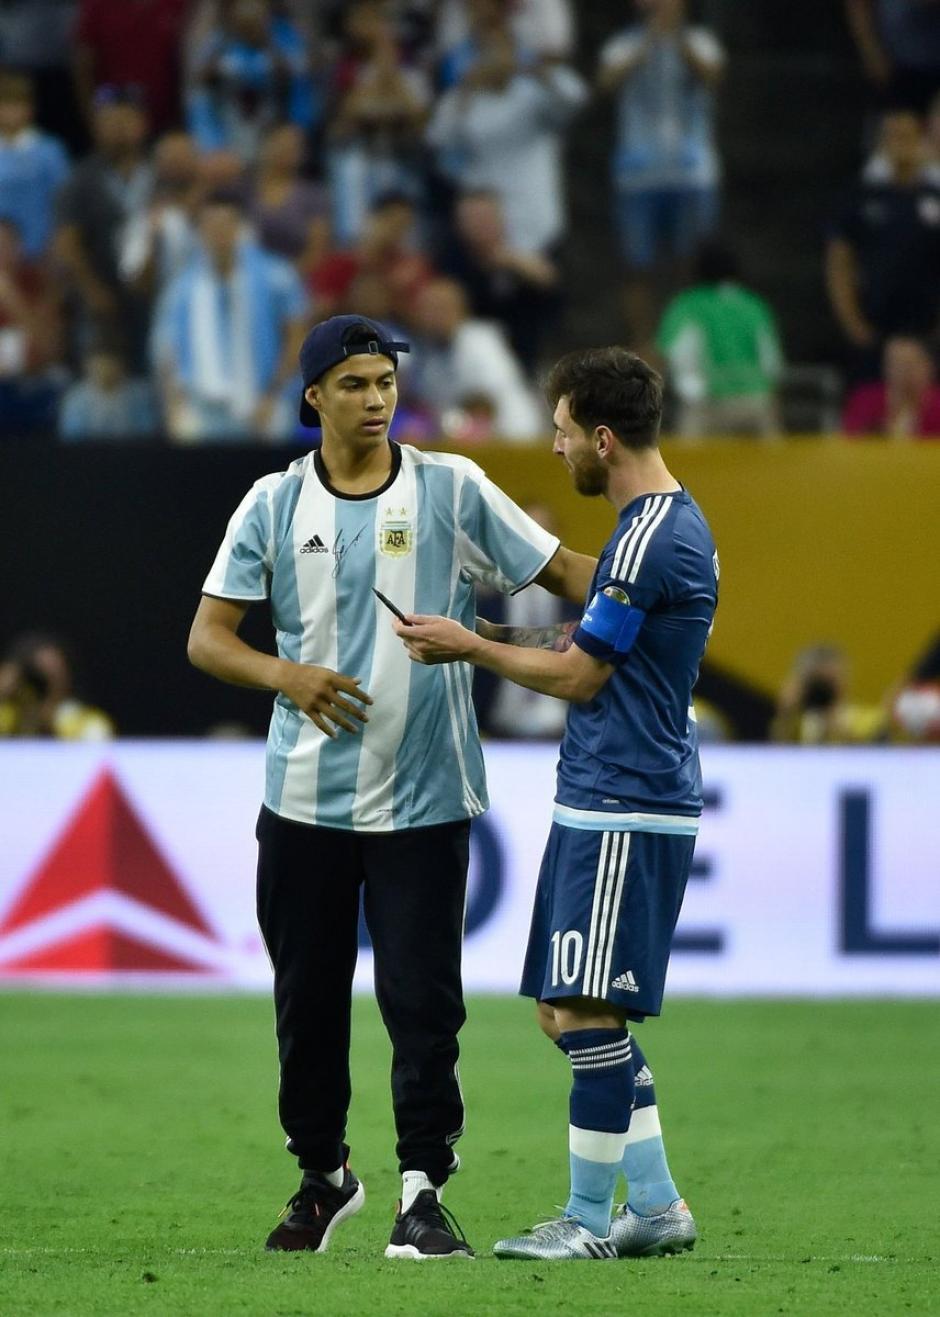 El seguidor de la albiceleste consiguió la firma de Messi. (Foto: Espacio Futbol)